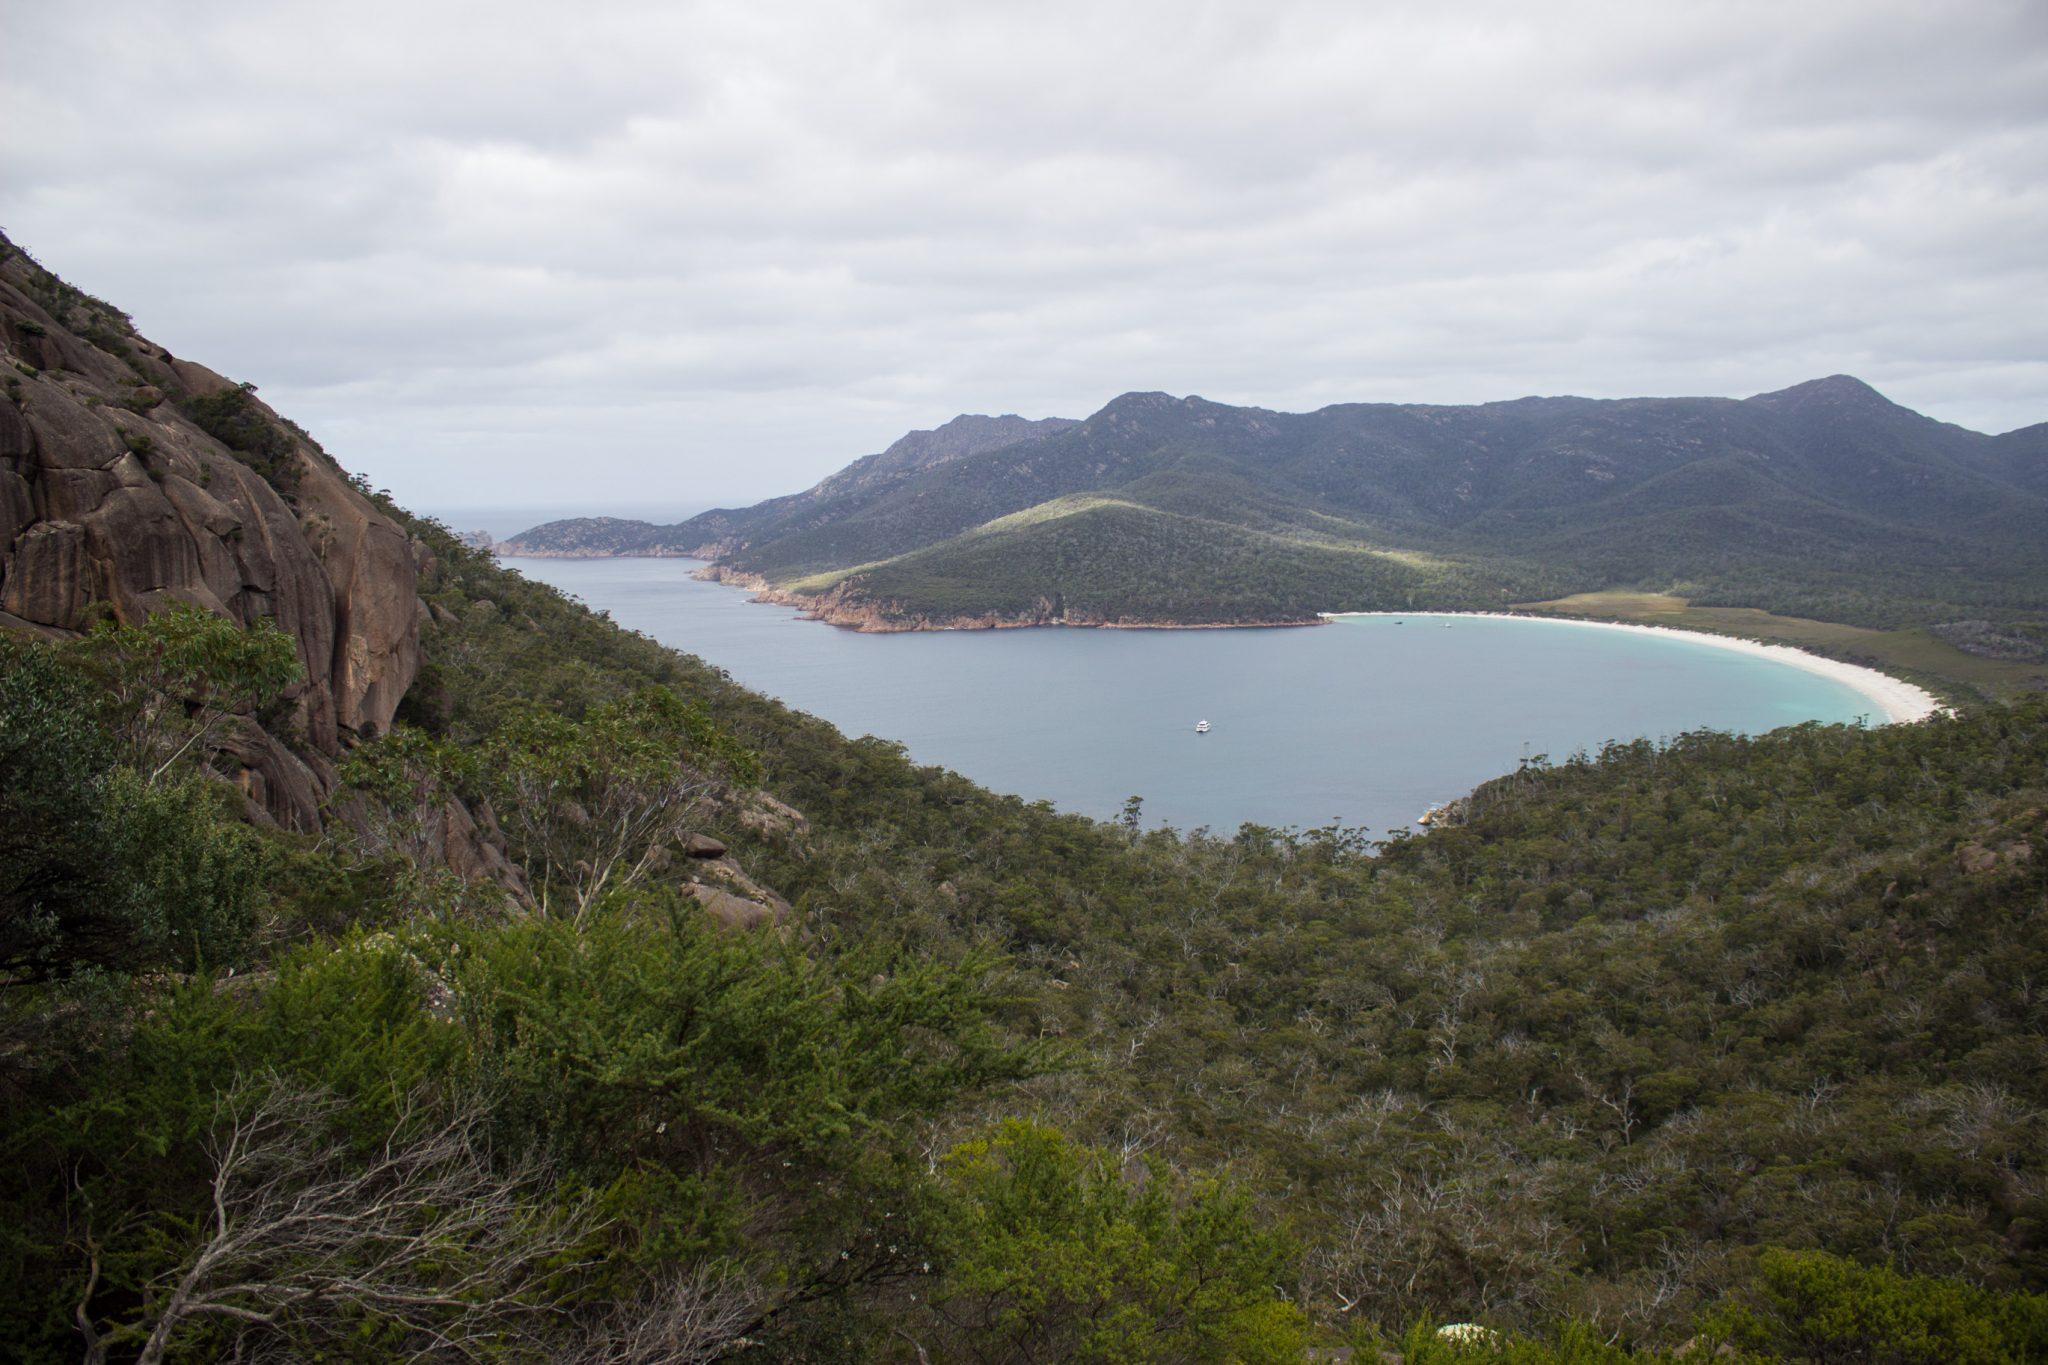 Lookout, Aussichtspunkt auf Wineglass Bay, Bucht im traumhaften Freycinet Nationalpark in Tasmanien, saftig grüner Wald, Berge